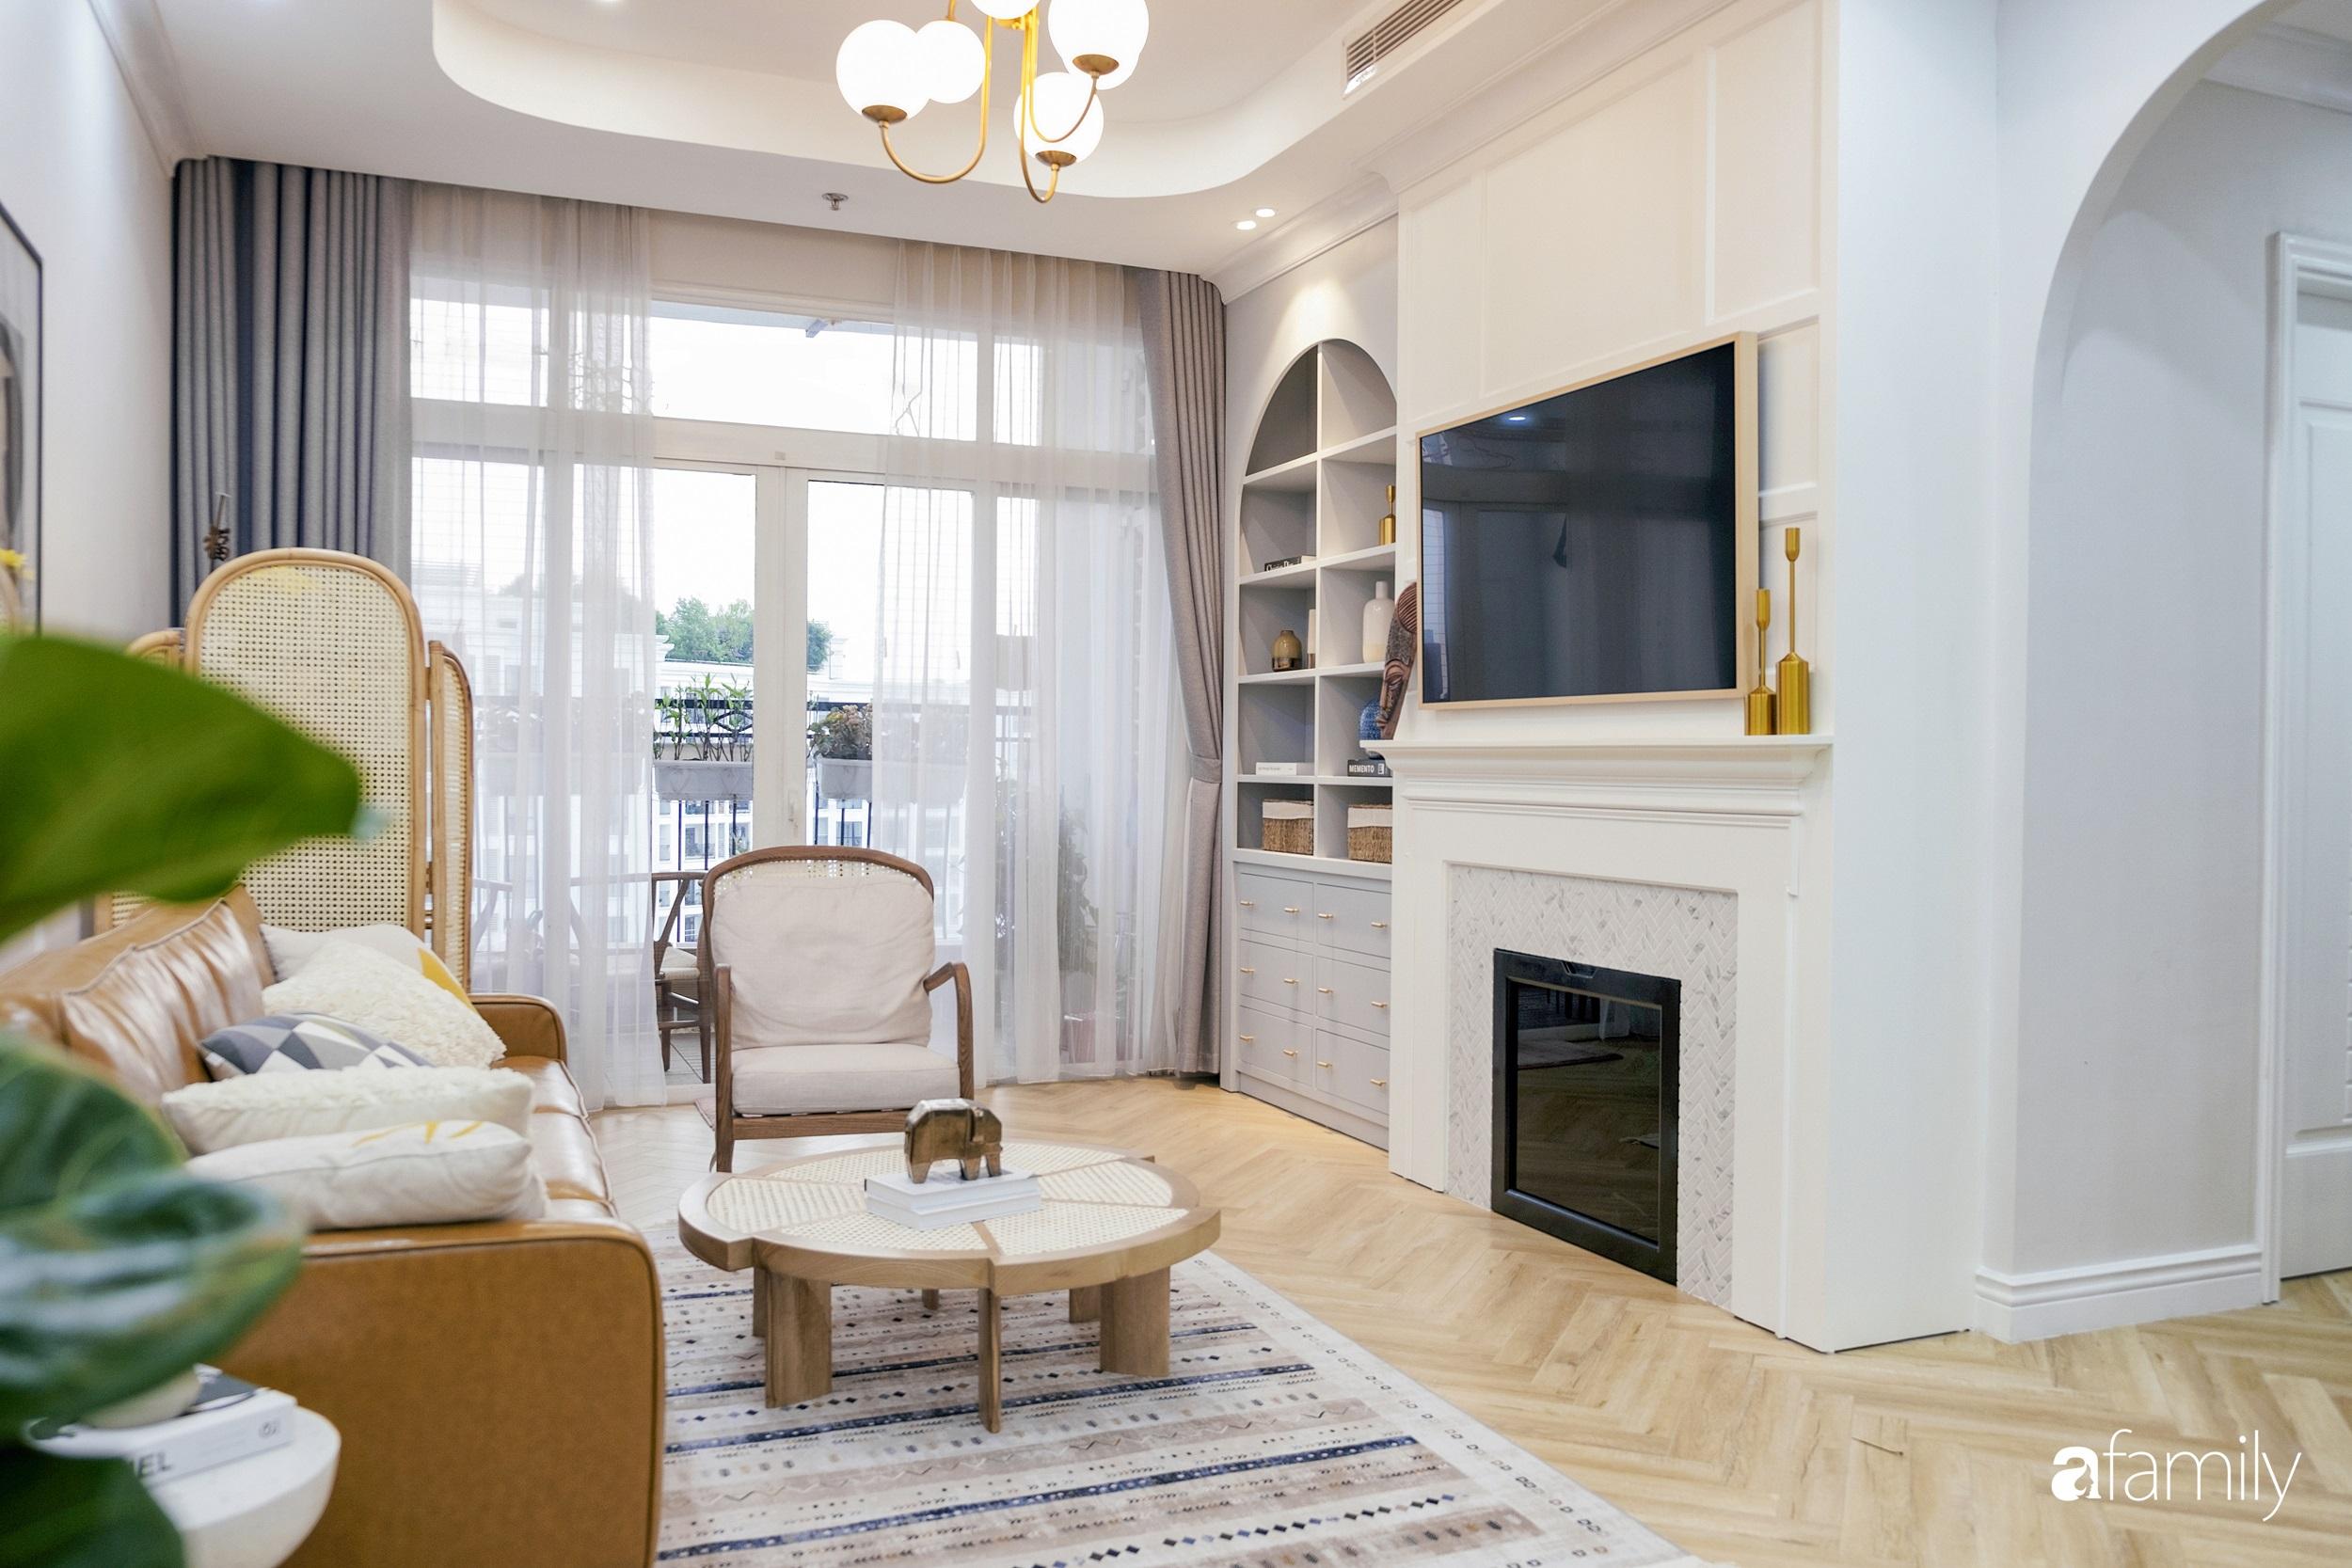 Căn hộ 120m² đẹp bình yên theo phong cách Farmhouse  có chi phí hoàn thiện 465 triệu đồng ở Hà Nội - Ảnh 6.